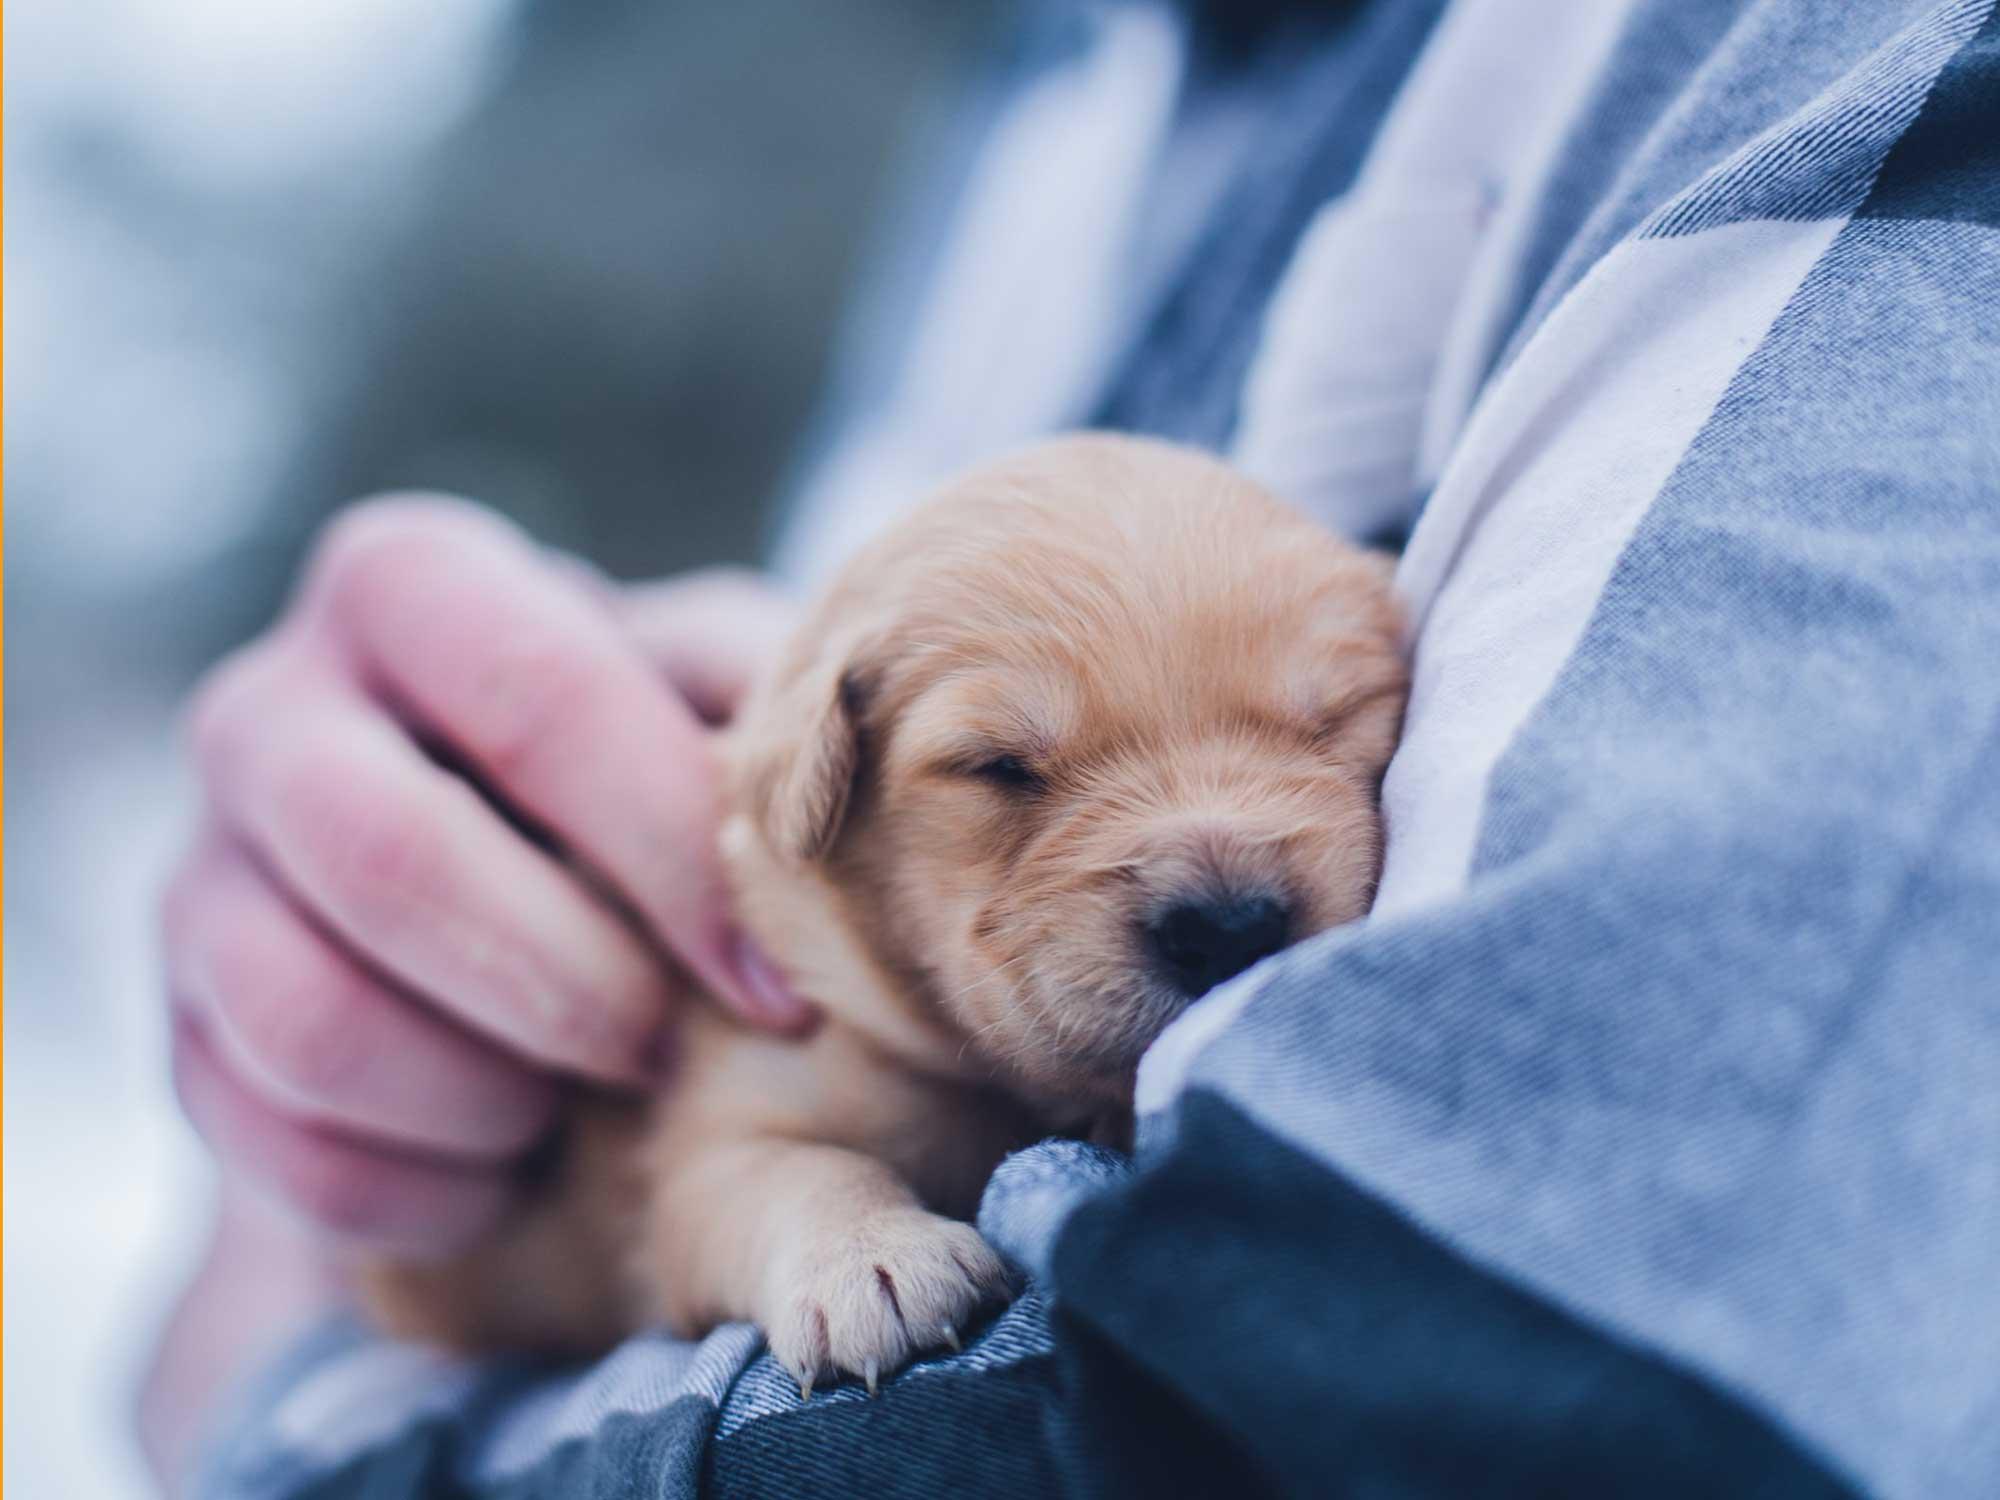 Bichette, Angels of Fortune, Havaneser, Hunde, Züchter, Berlin, Brandenburg, Deutschland, VDH, FCI, Welpen, Fotos, Bilder, niedlich, havanese, dogs, puppy, puppies, breeder, Germany, cute, photos, pictures